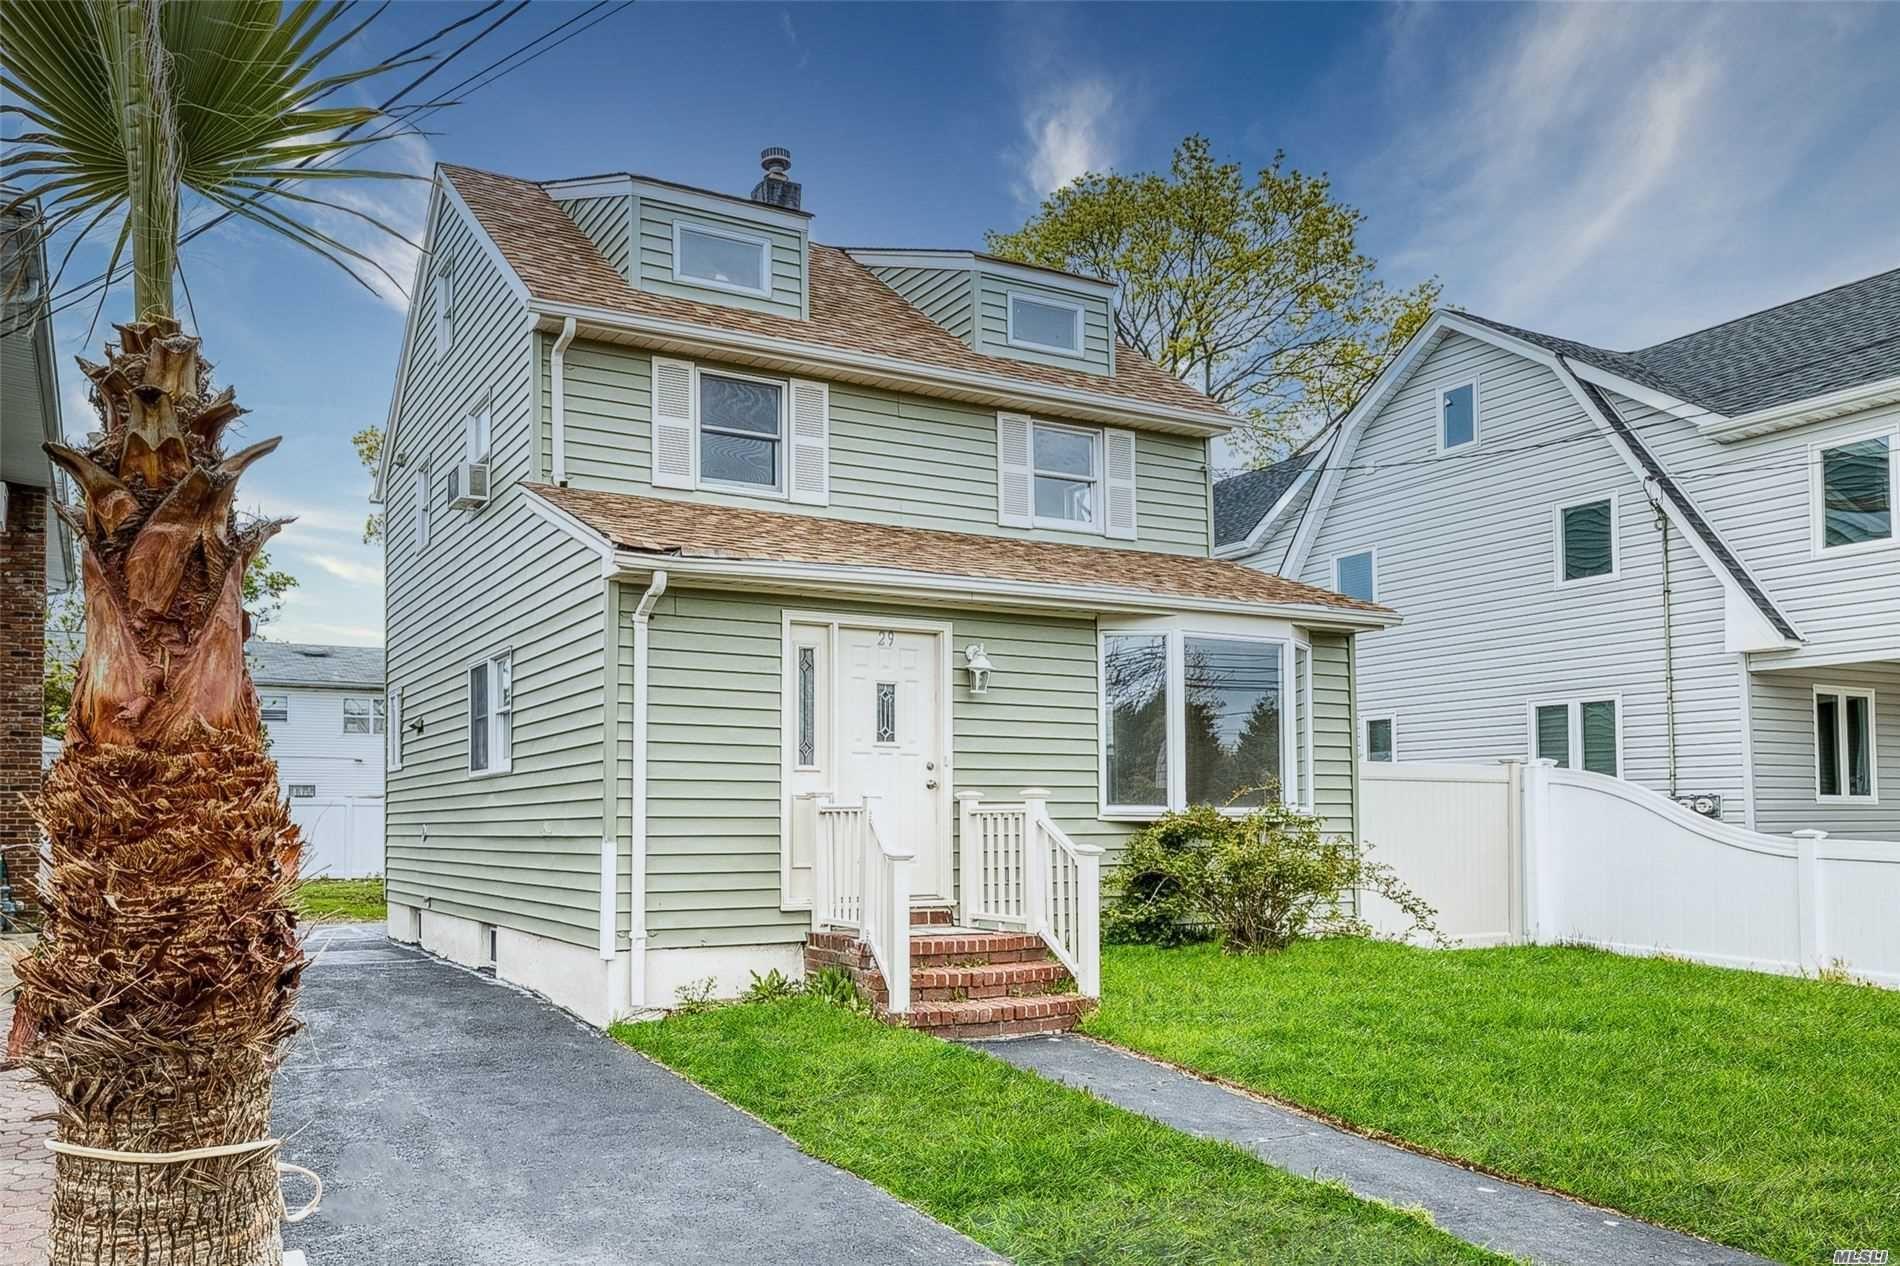 29 Pine St, Oceanside, NY 11572 - MLS#: 3213011